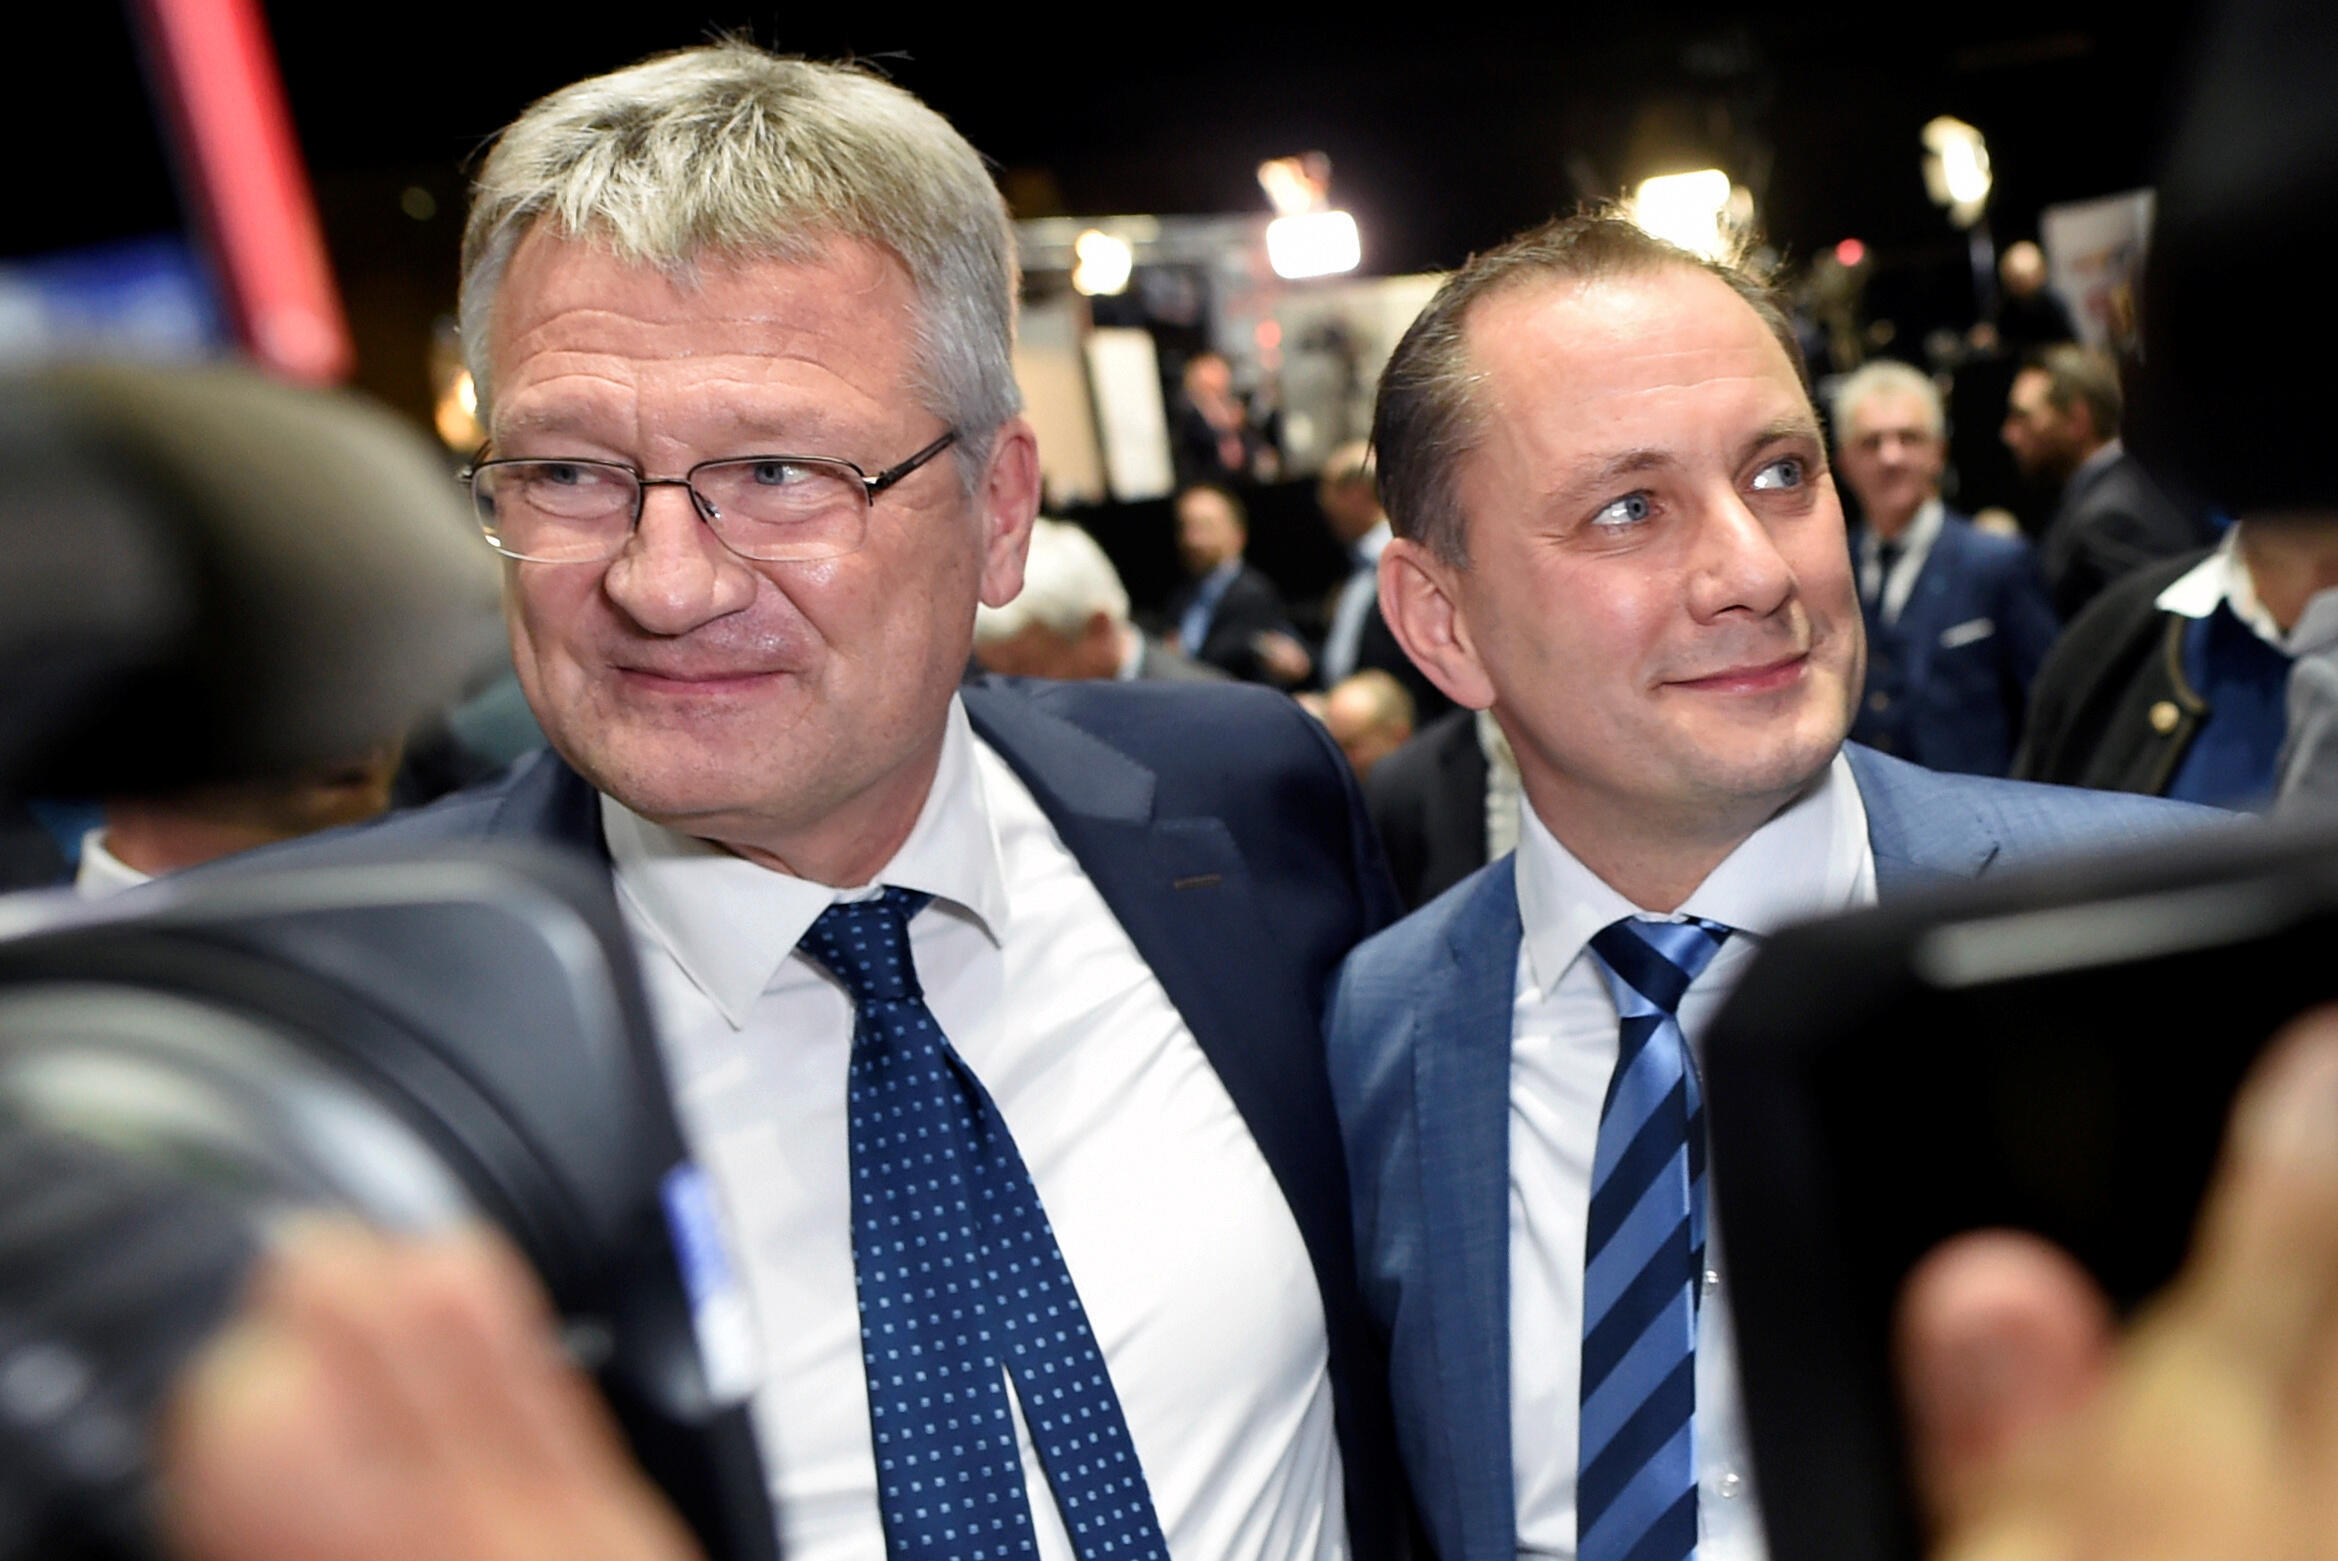 Jörg Meuthen y Tino Chrupalla, los dos nuevos co-presidentes del AfD, 30 de noviembre 2019.